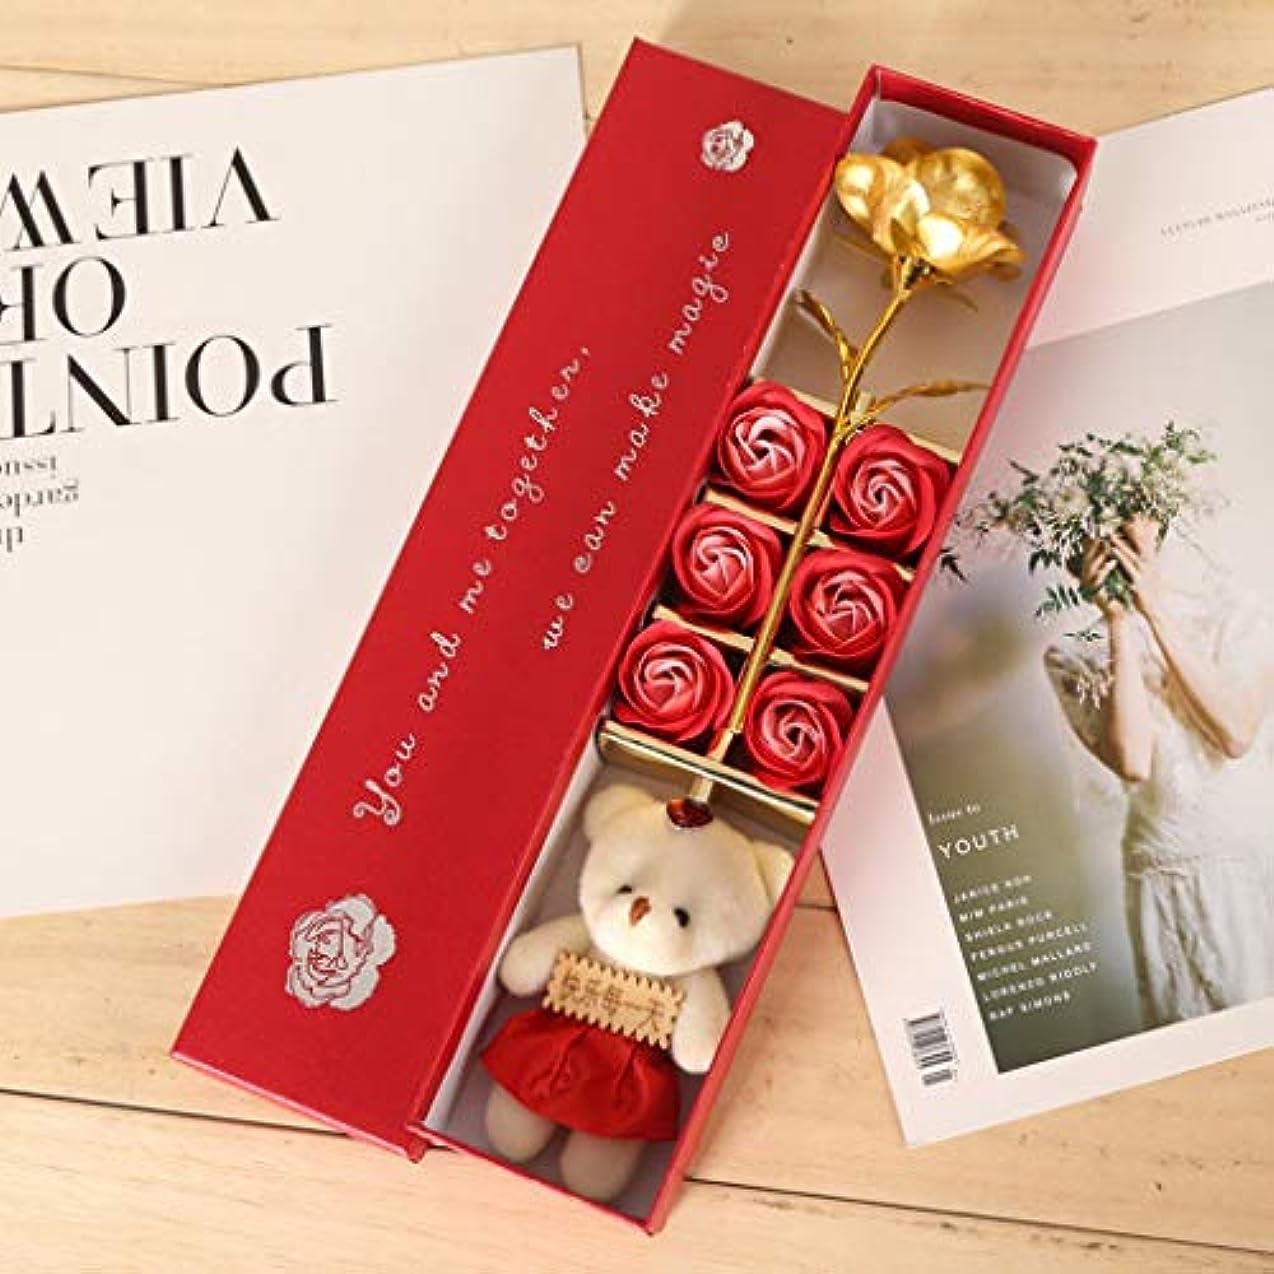 紀元前アプライアンスオズワルド【ゴールデンローズギフトボックス】6石鹸のバラの花/せっけんの花/かわいいバラ/素敵な女の子/ママへのユニークな贈り物/誕生日/母の日/記念日/バレンタインデー/卒業プレゼント/あなたが愛した人のための女性 (レッド)